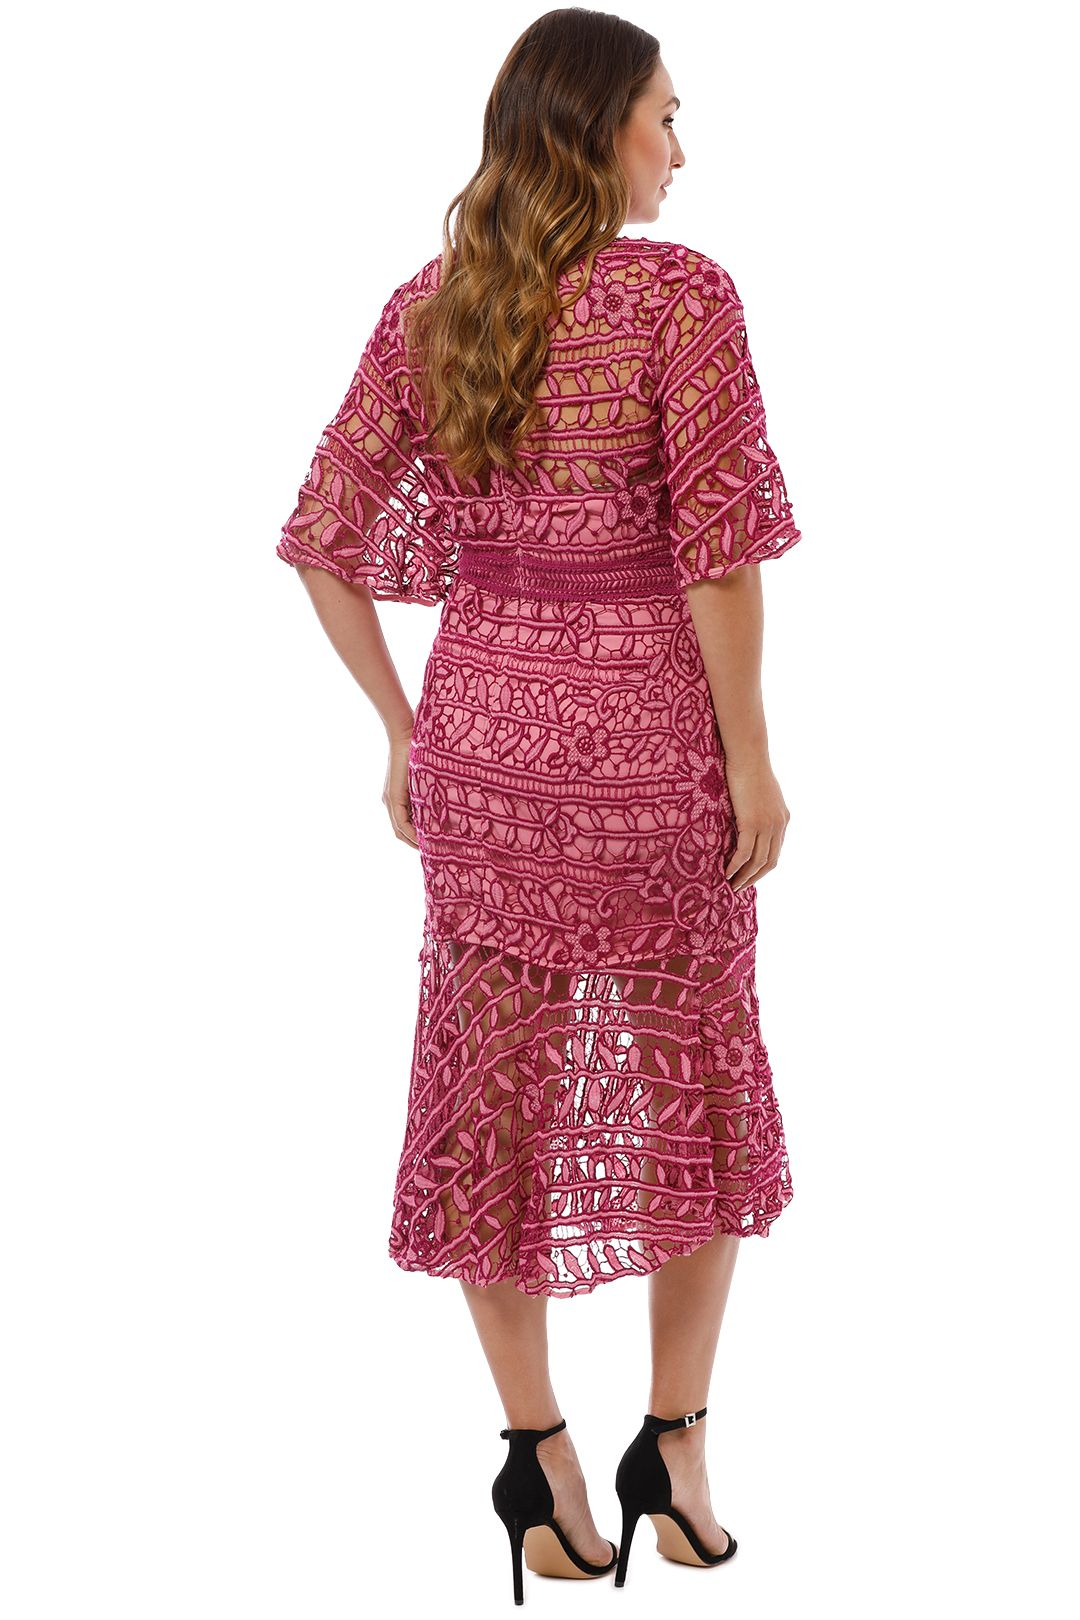 Talulah - Caprice Midi Dress - Pink Multi - Back